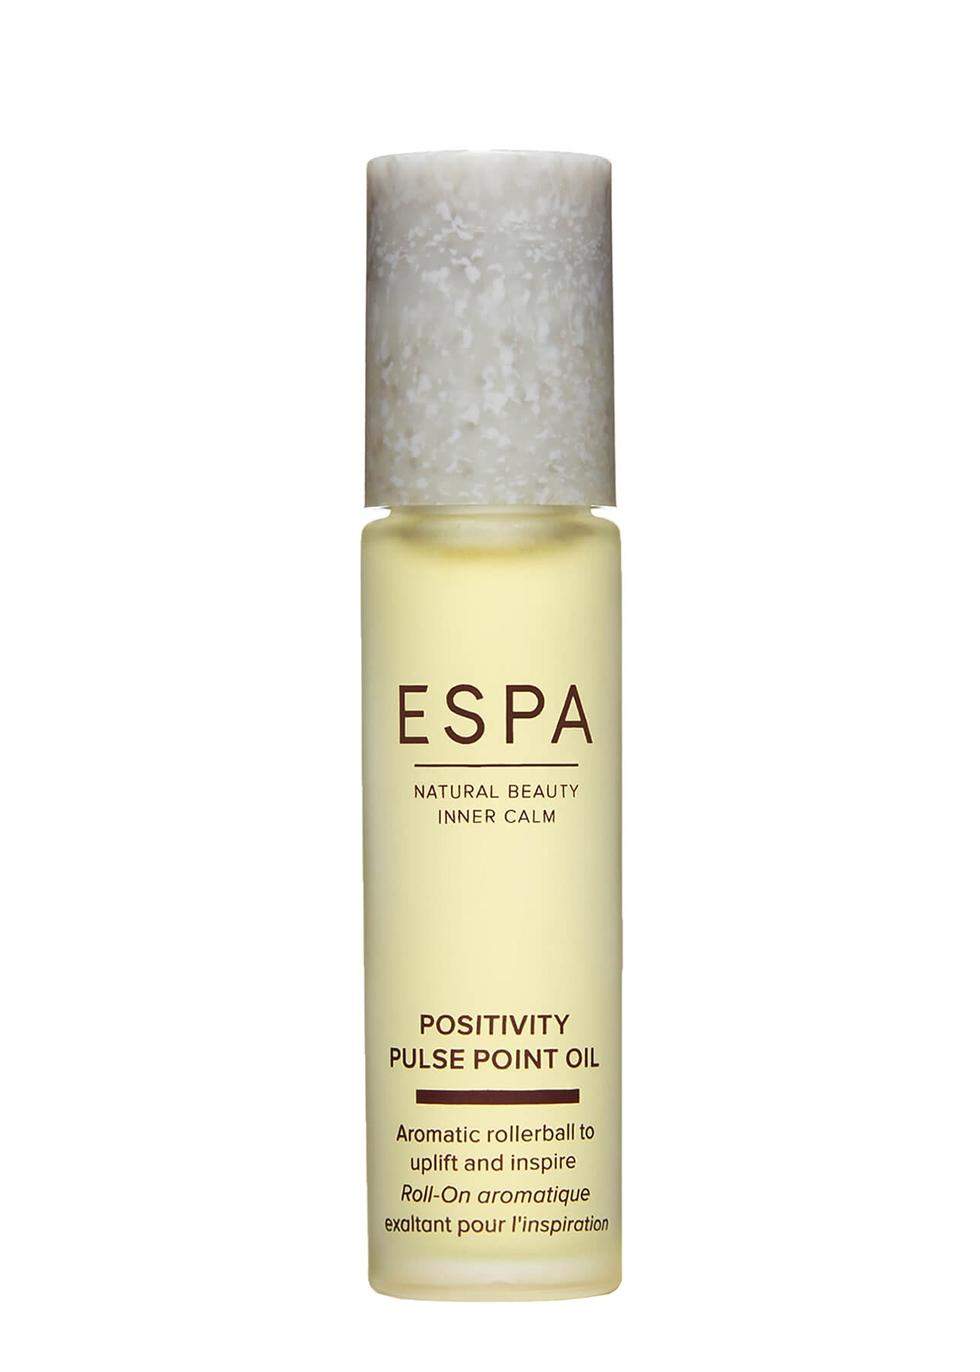 Positivity Pulse Point Oil 9ml